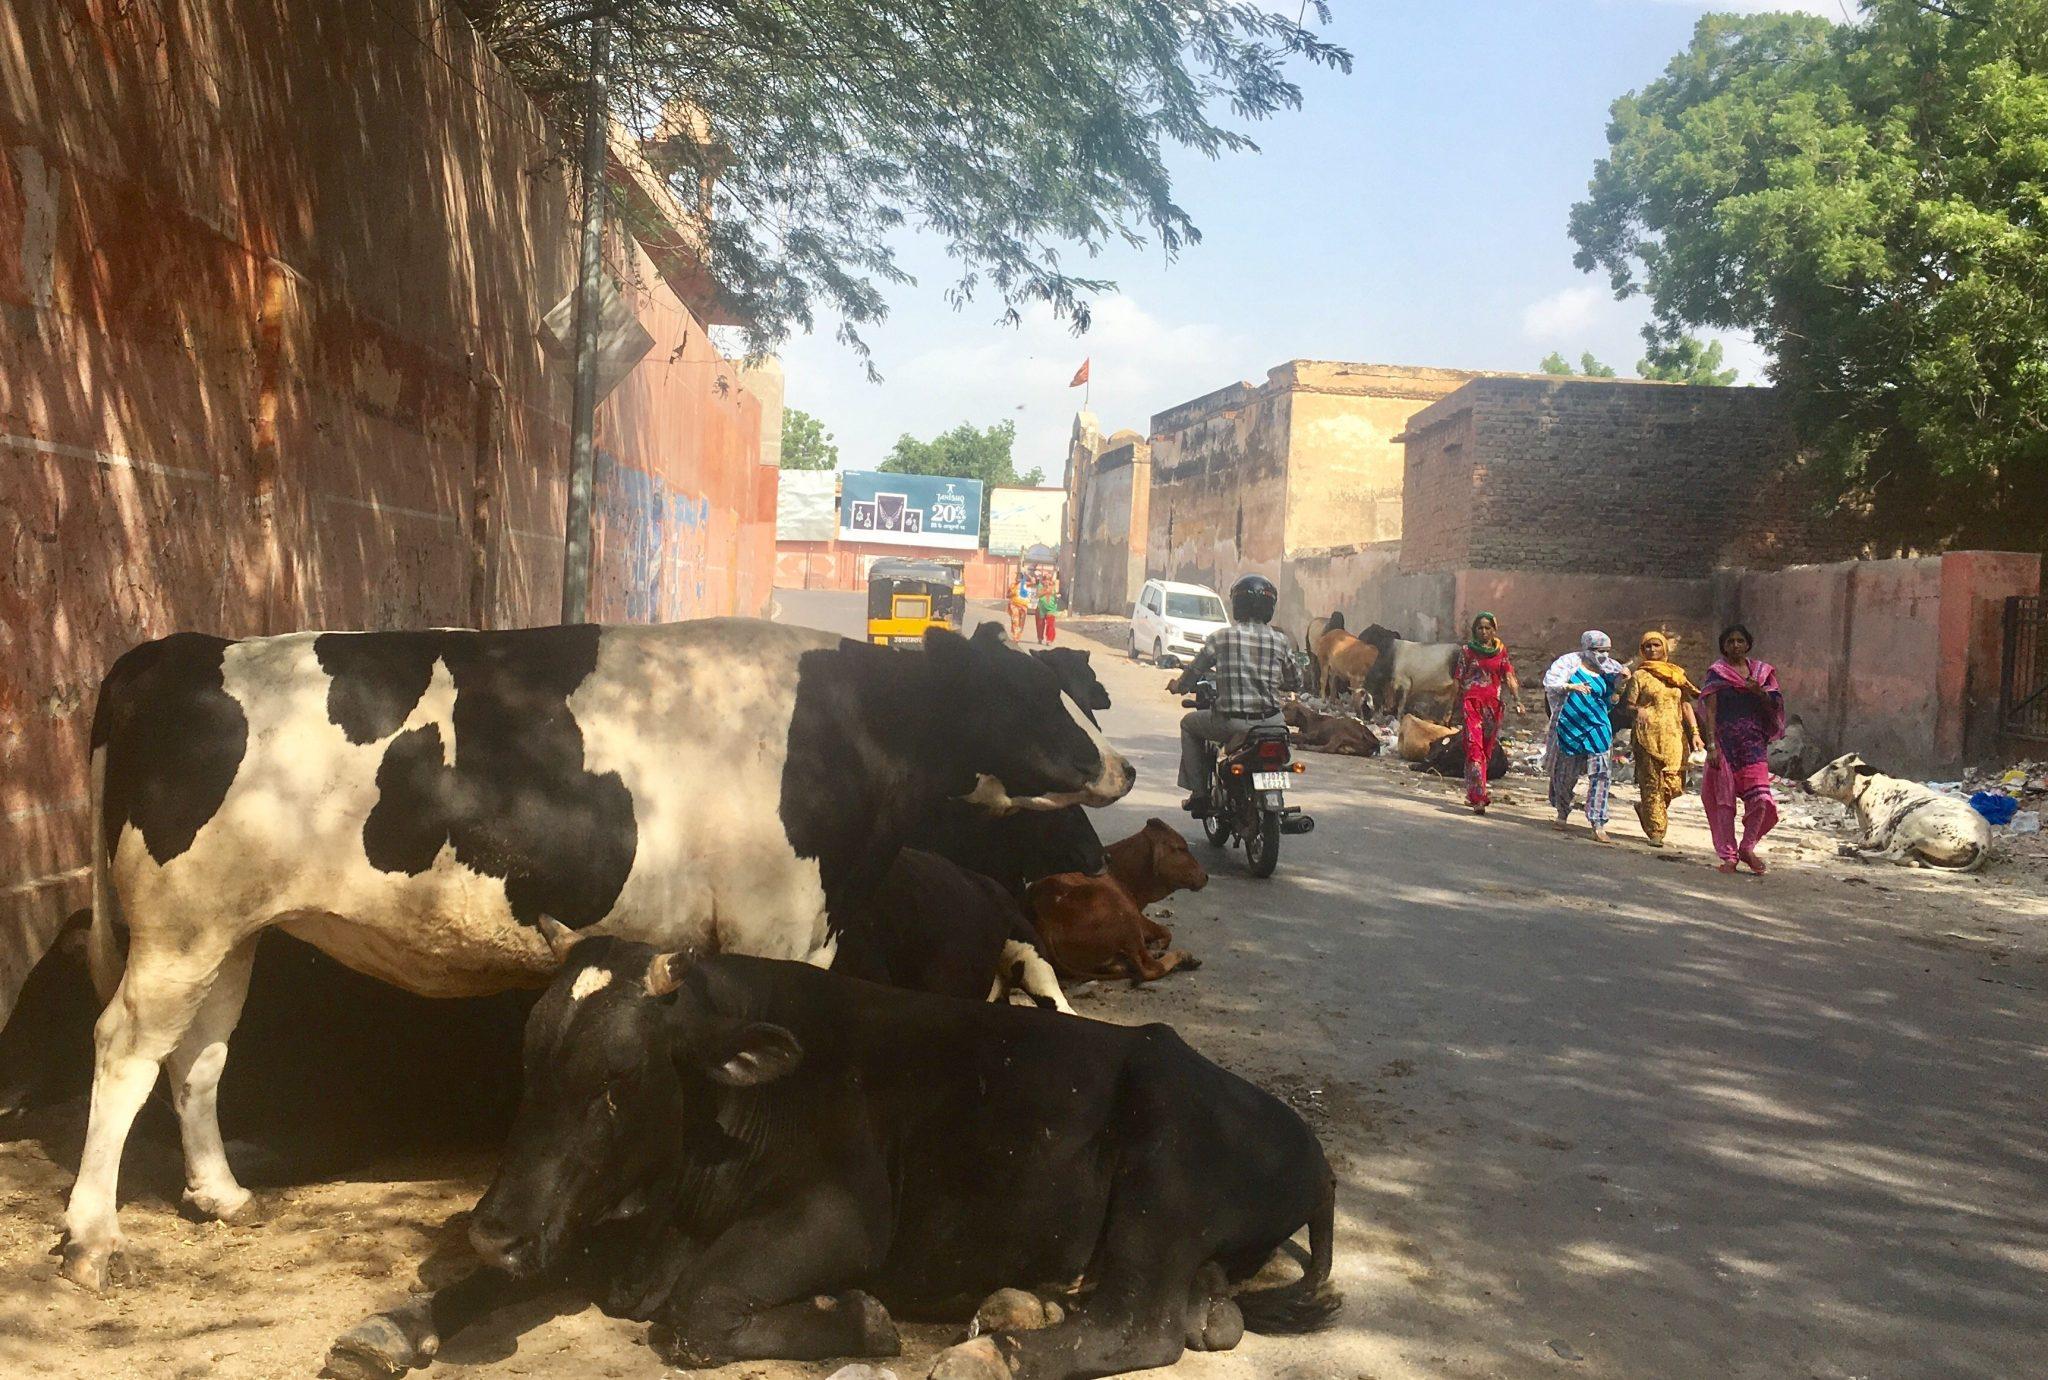 Bikaner e il Karni Mata, l'incredibile tempio dei topi